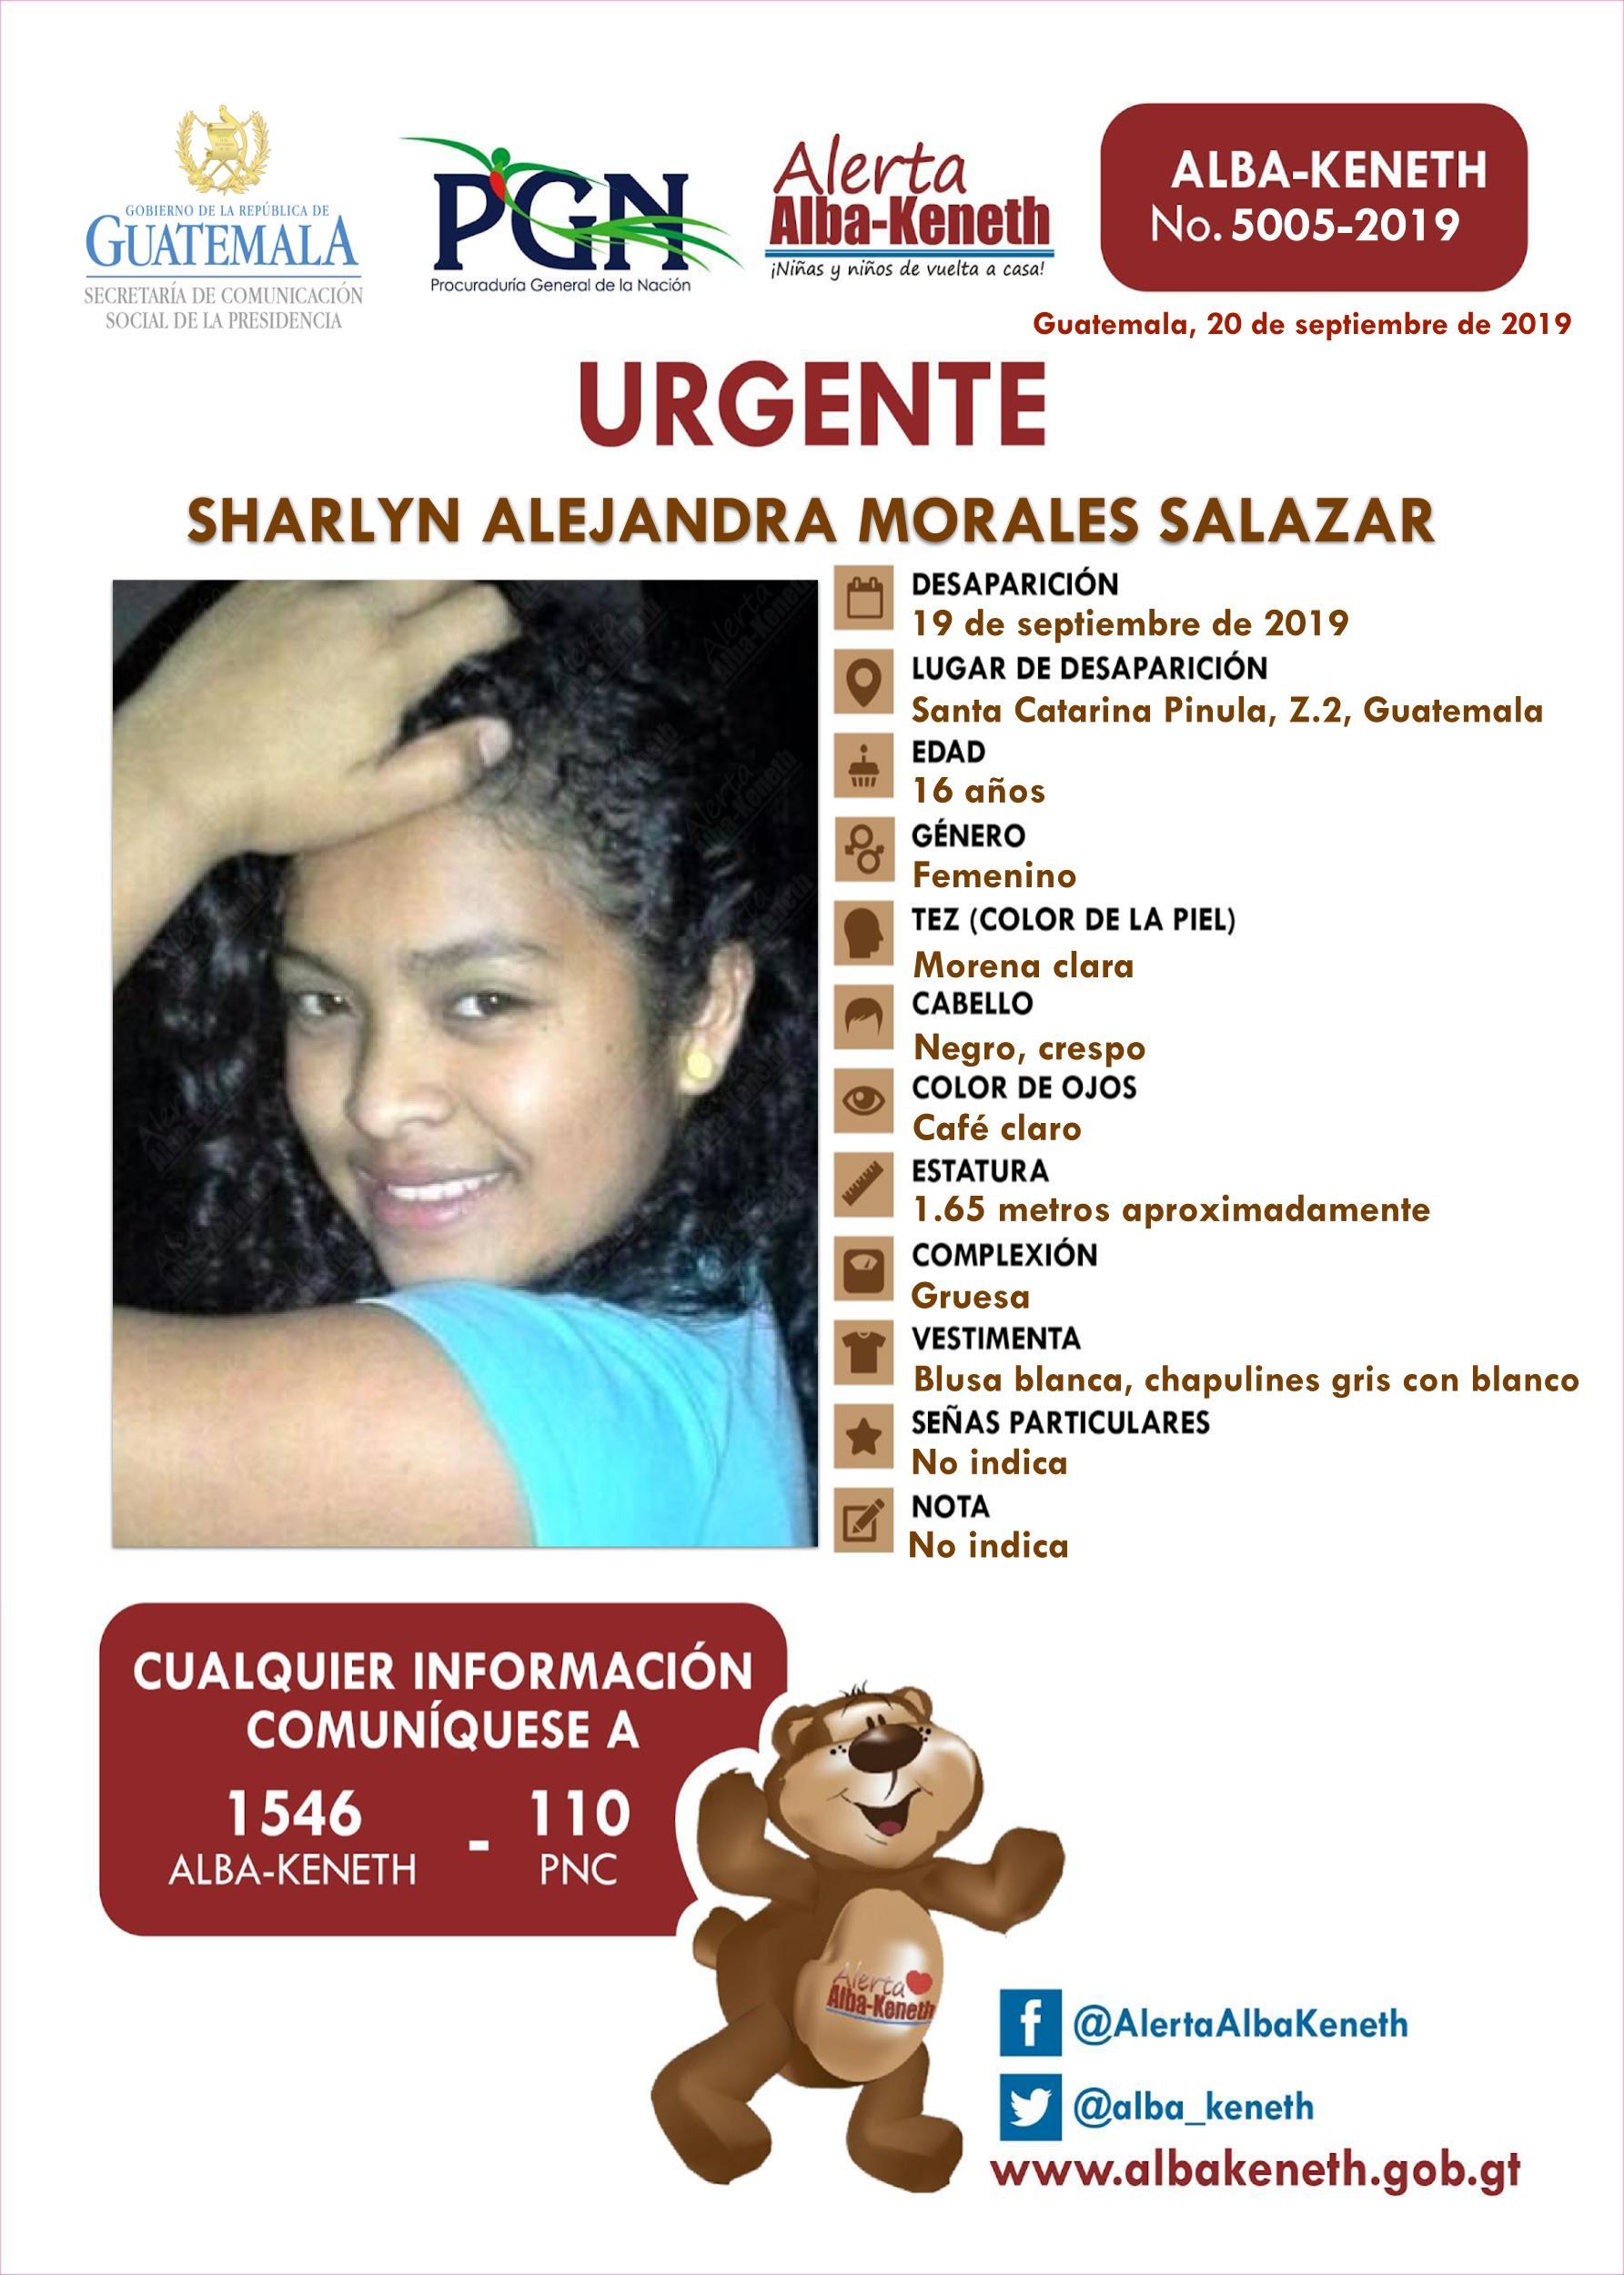 Sharlyn Alejandra Morales Salazar